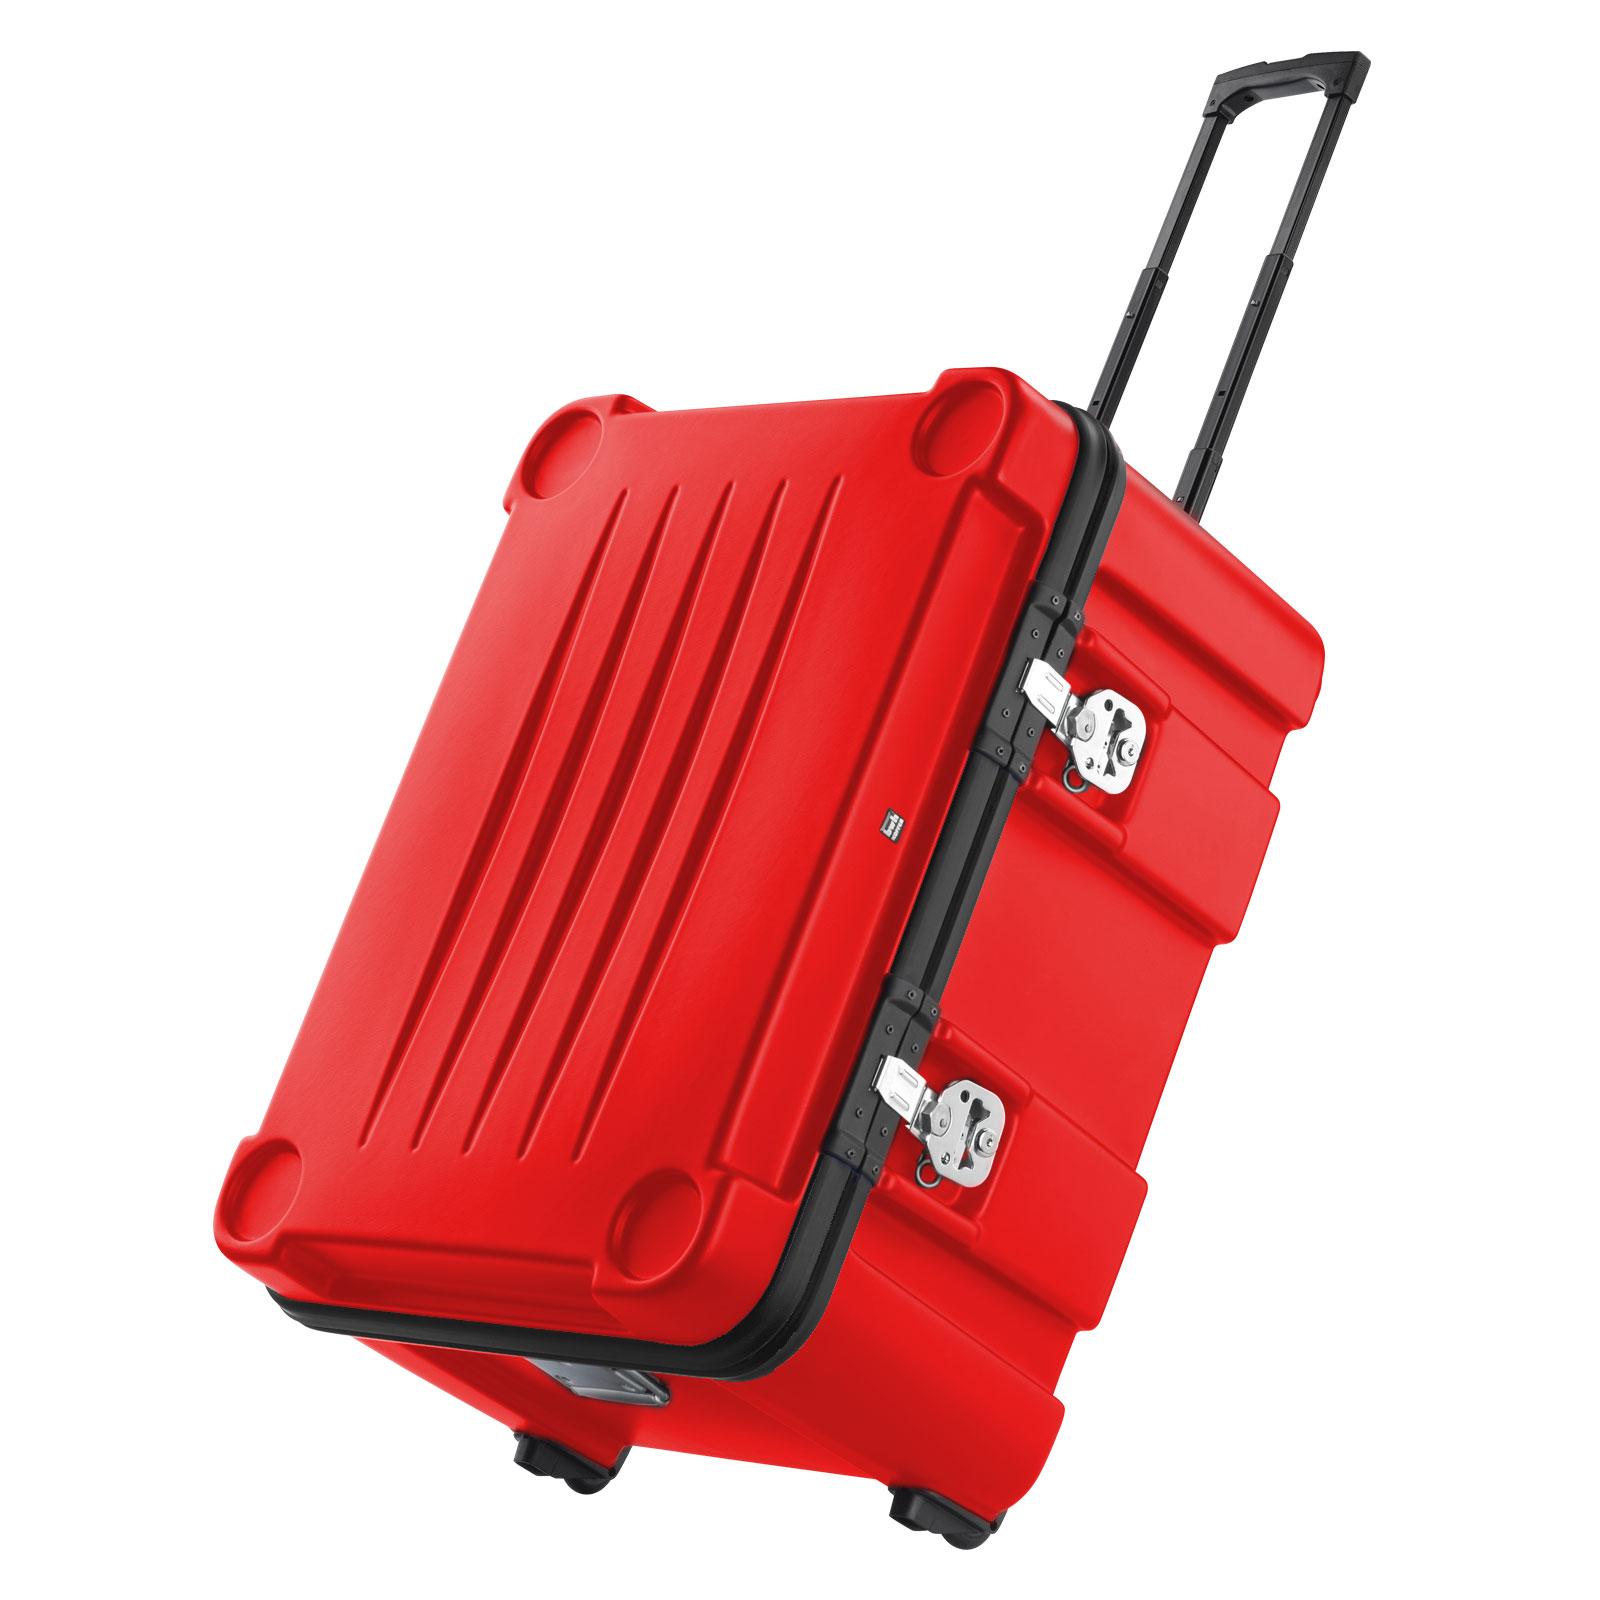 bwh koffer casys typ 3 transportbox 71 cm 2 rollen mit trolley g nstig kaufen koffermarkt. Black Bedroom Furniture Sets. Home Design Ideas